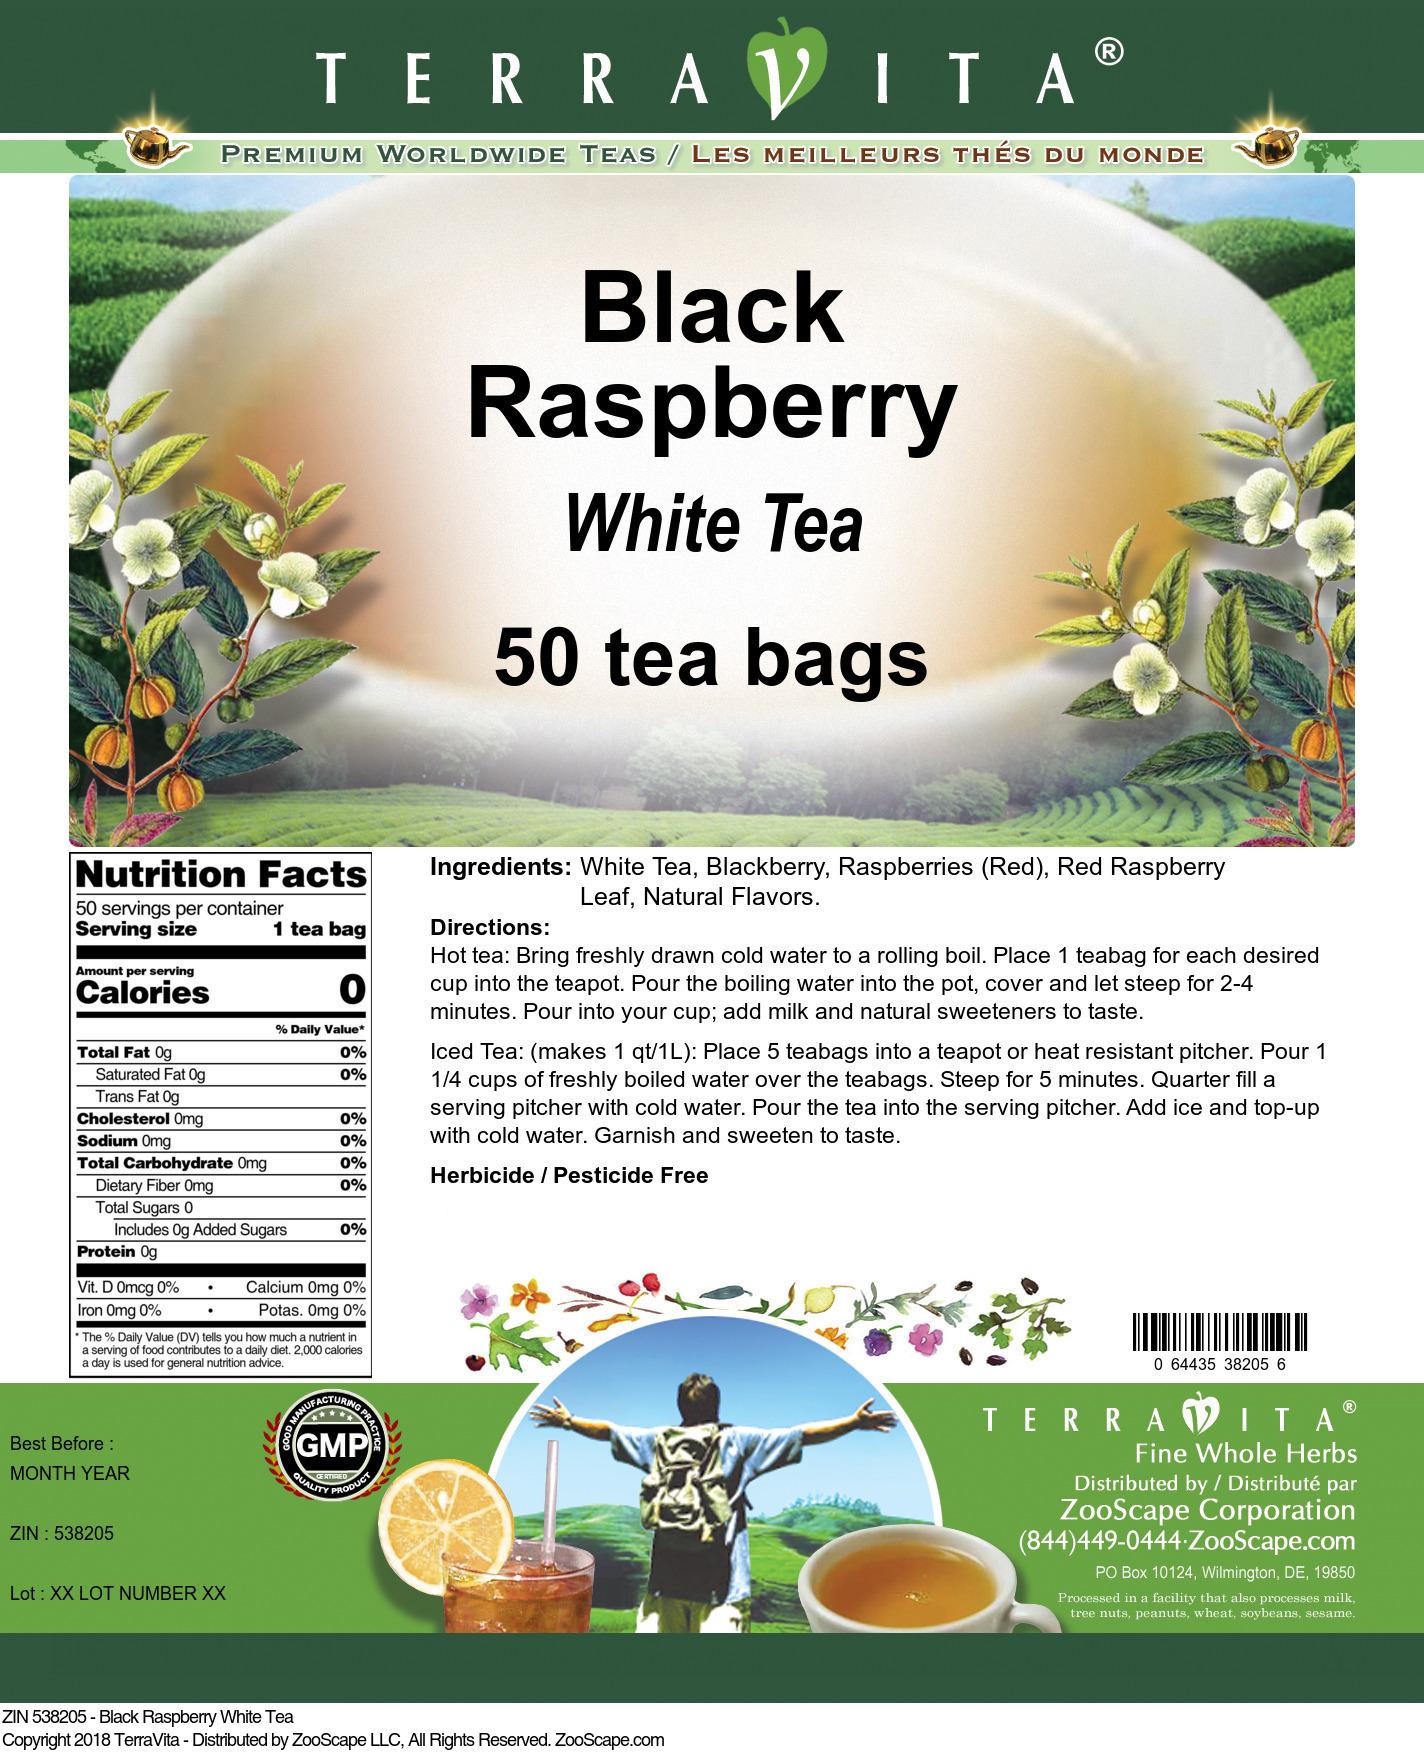 Black Raspberry White Tea